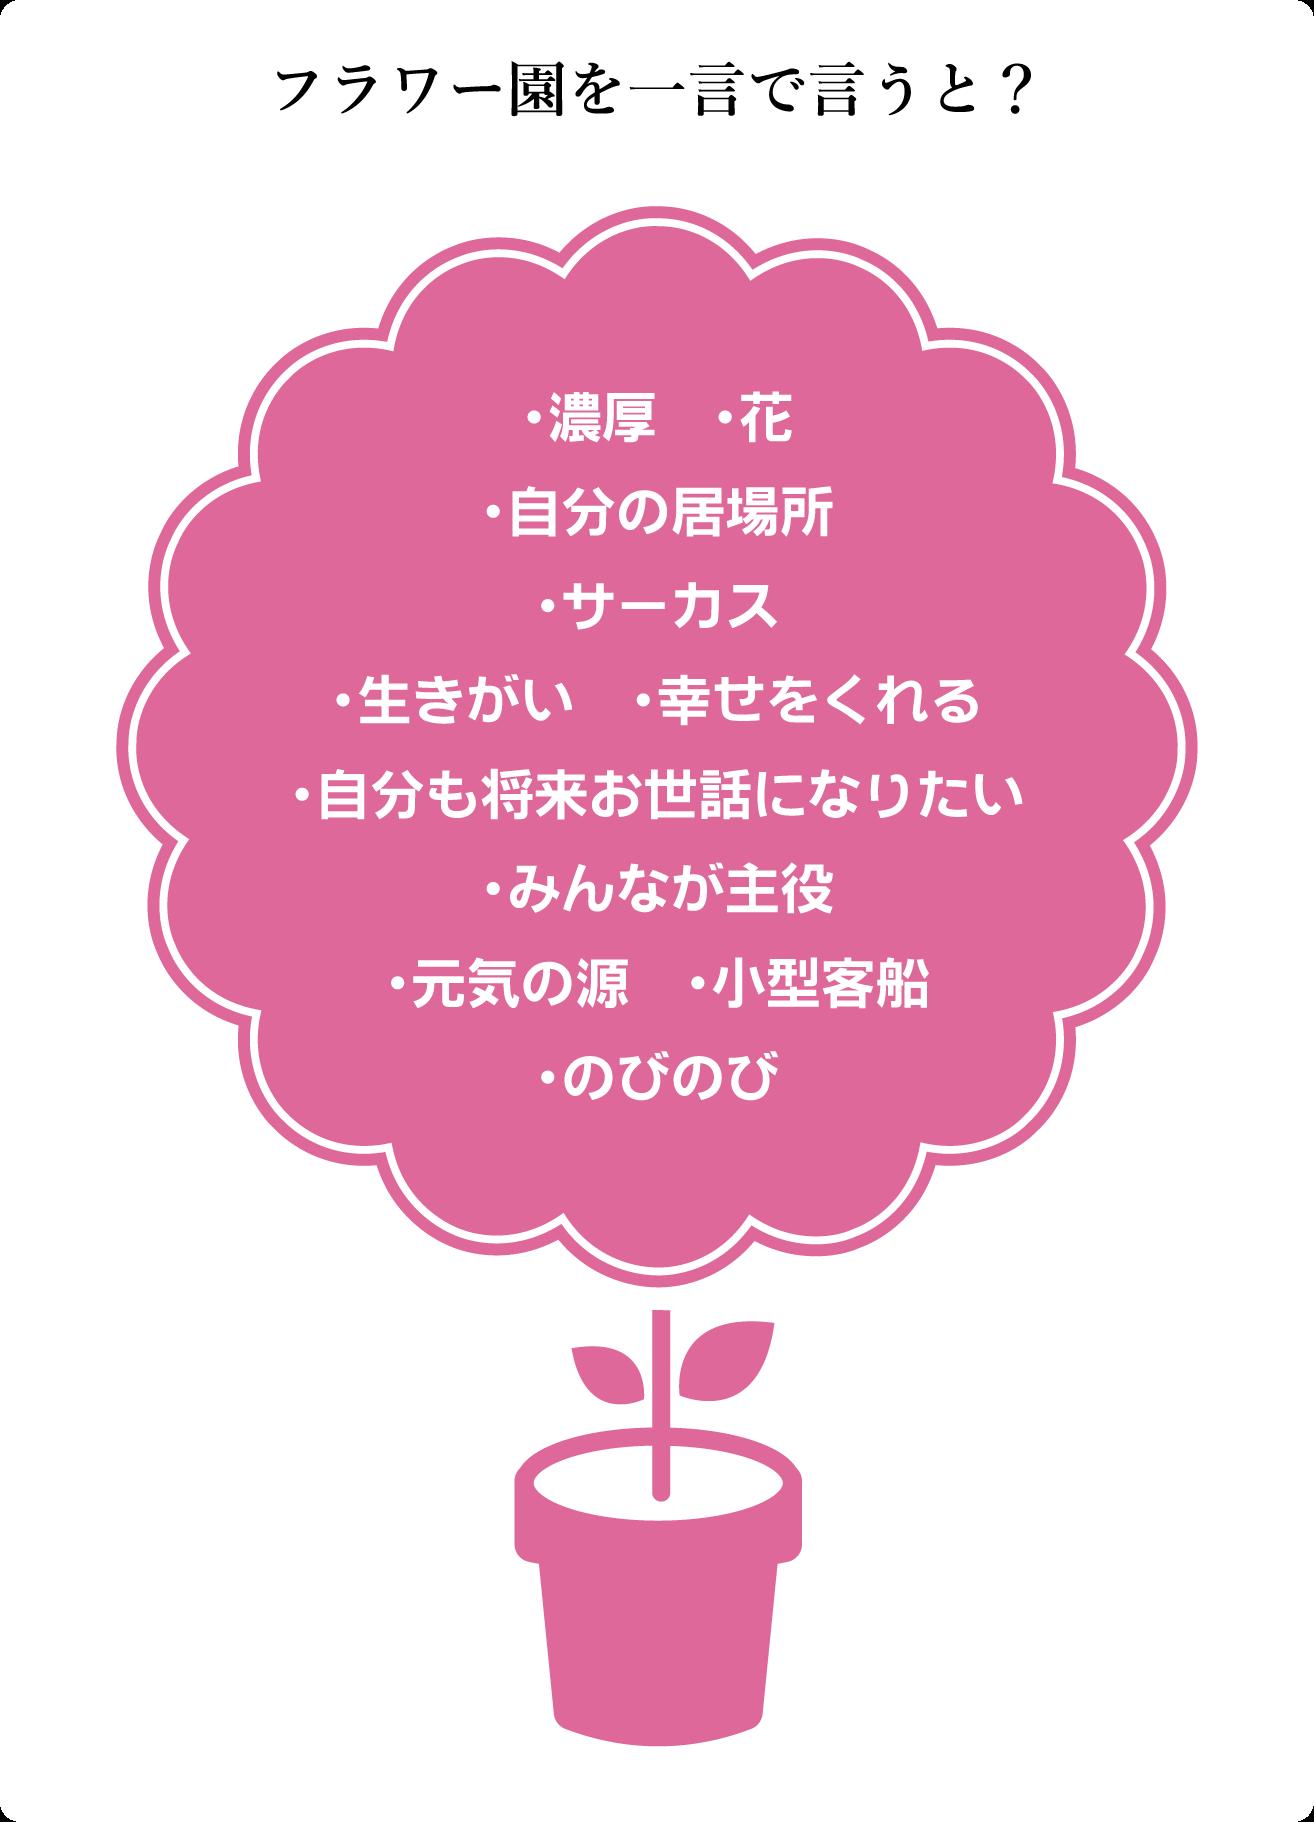 質問カード19:フラワー園を一言で言うと? ・自分も将来お世話になりたい・自分の居場所・サーカス・生きがい幸せをくれる